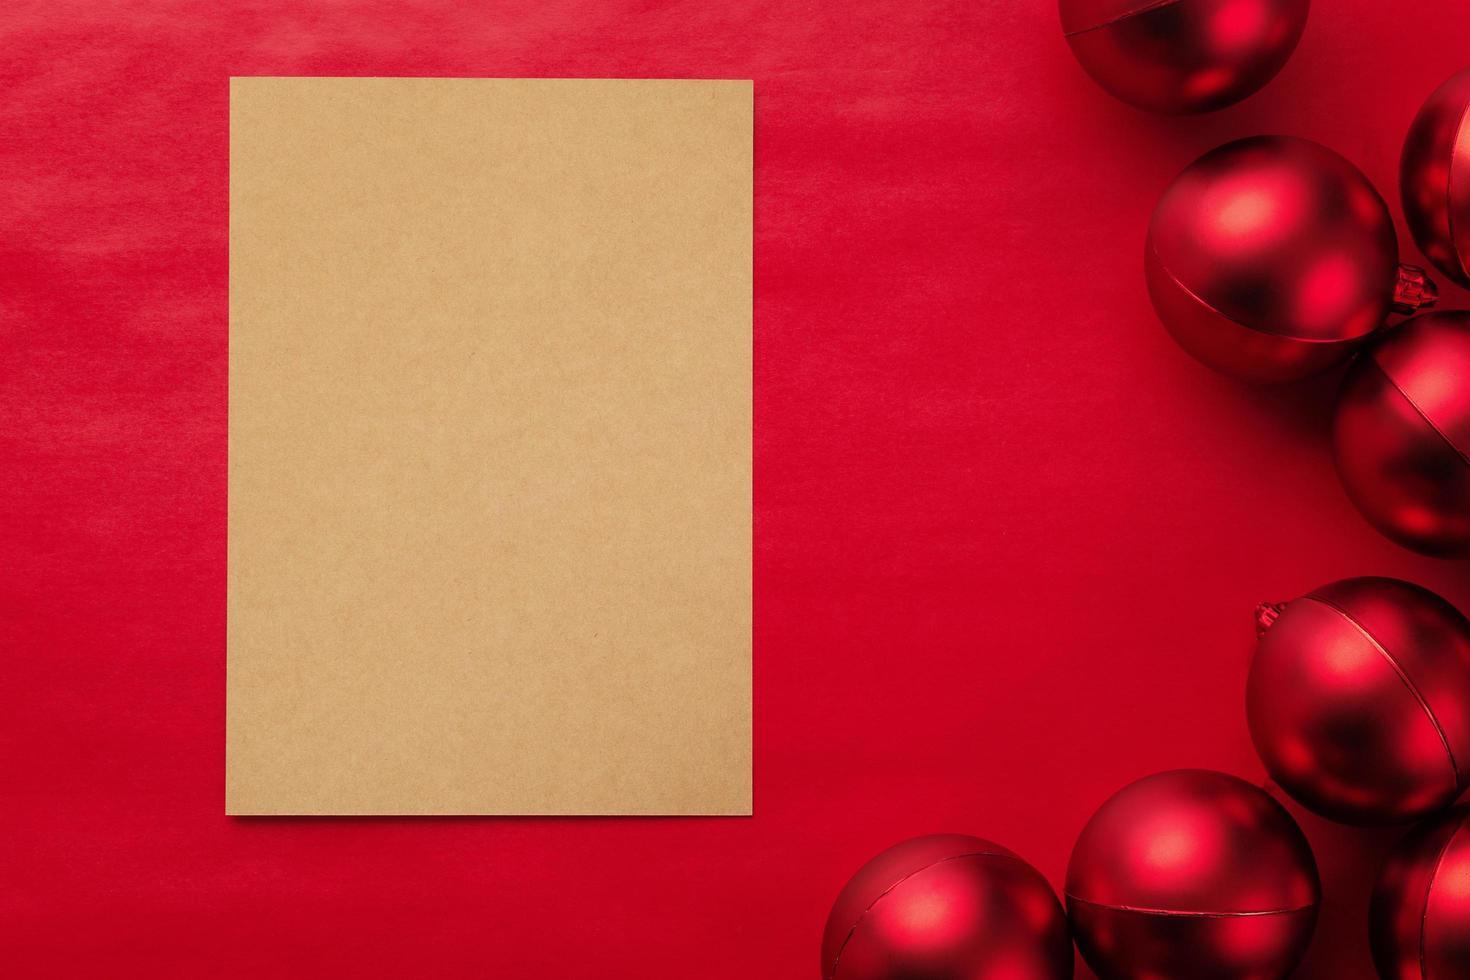 Frohe Weihnachten Grußkarte Modell Vorlage mit Weihnachtskugeln foto